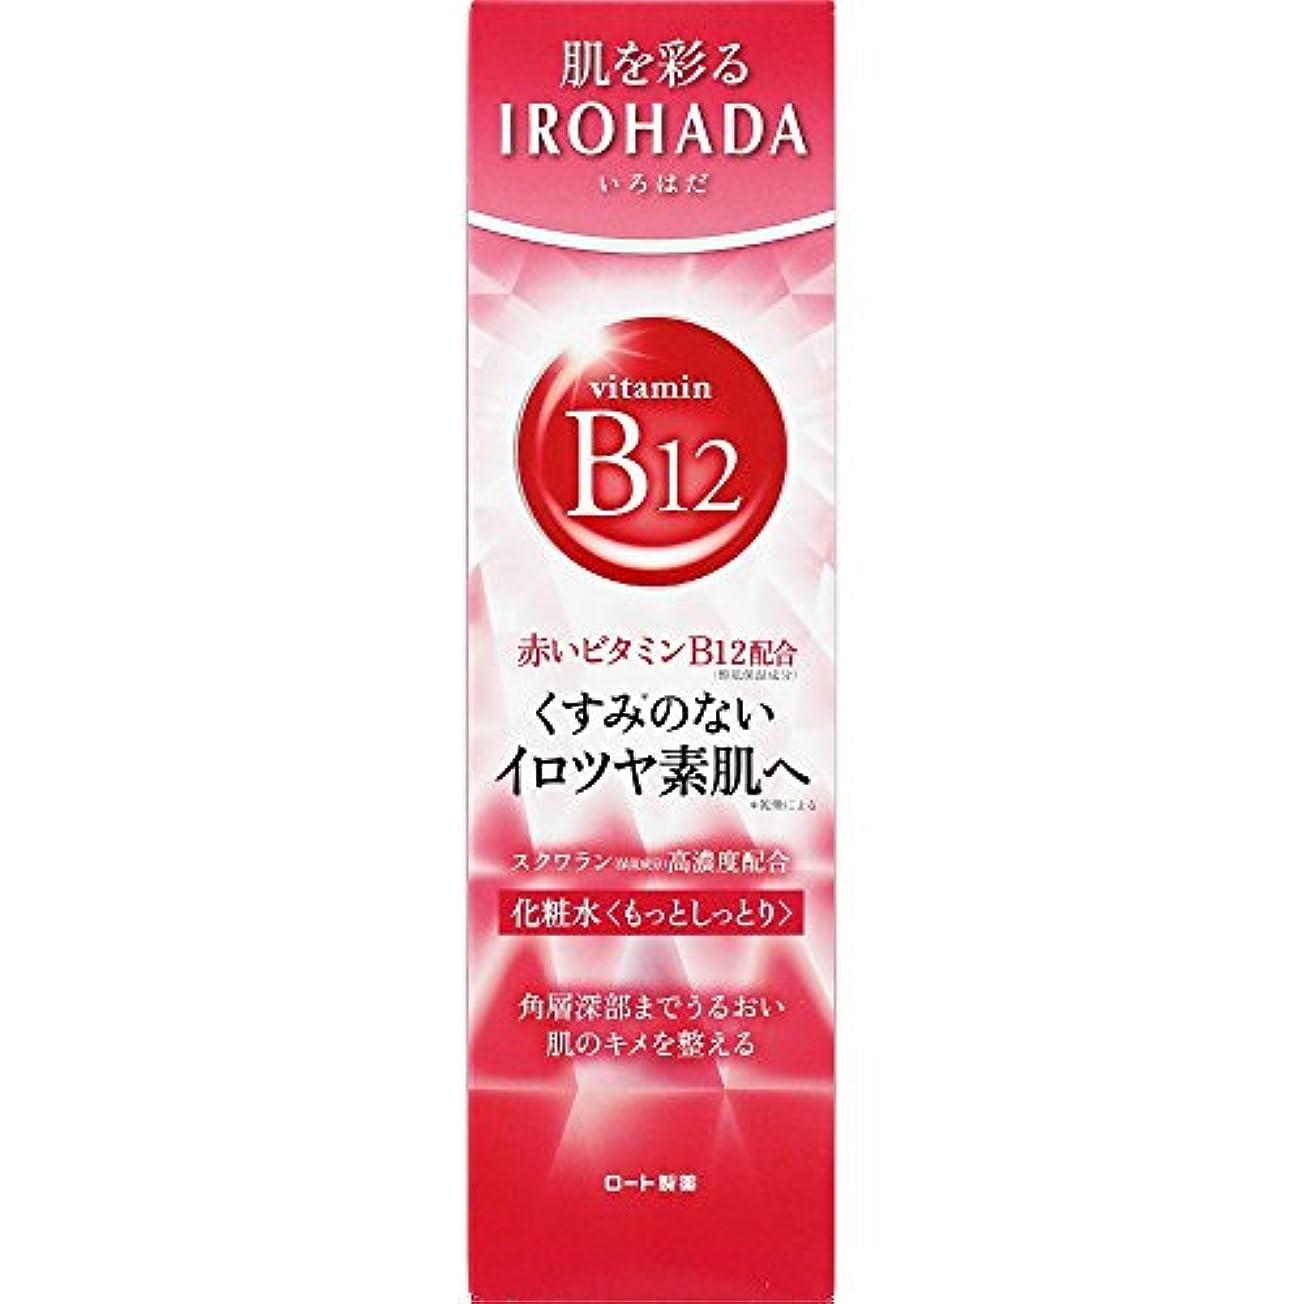 戦いカフェテリアシャンパンロート製薬 いろはだ (IROHADA) 赤いビタミンB12×スクワラン配合 化粧水もっとしっとり 160ml